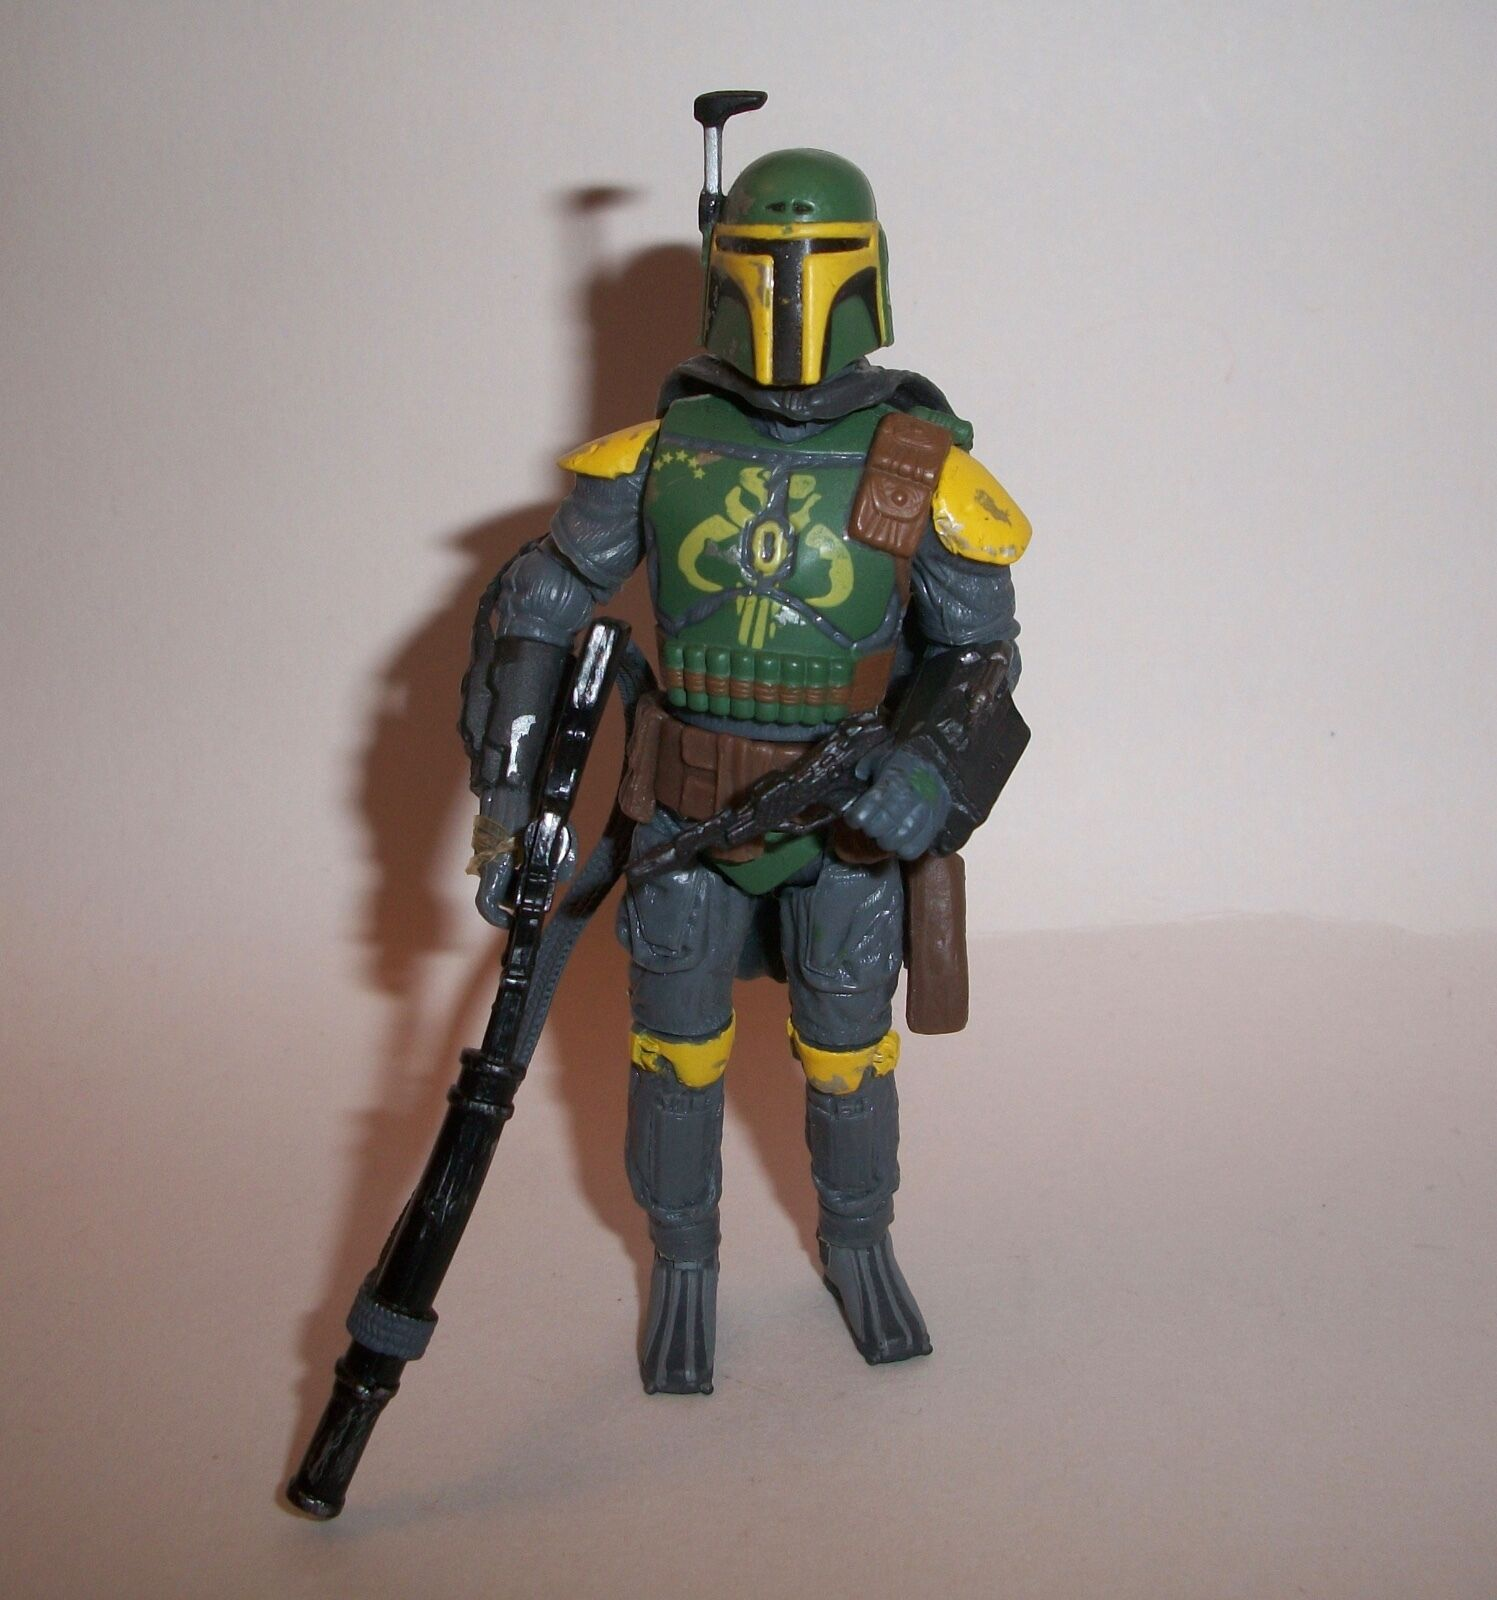 Star Wars Llats Ward loose 2007 2007 2007 Hasbro 30th TAC Mandalorian Republic Elite 61a2e1